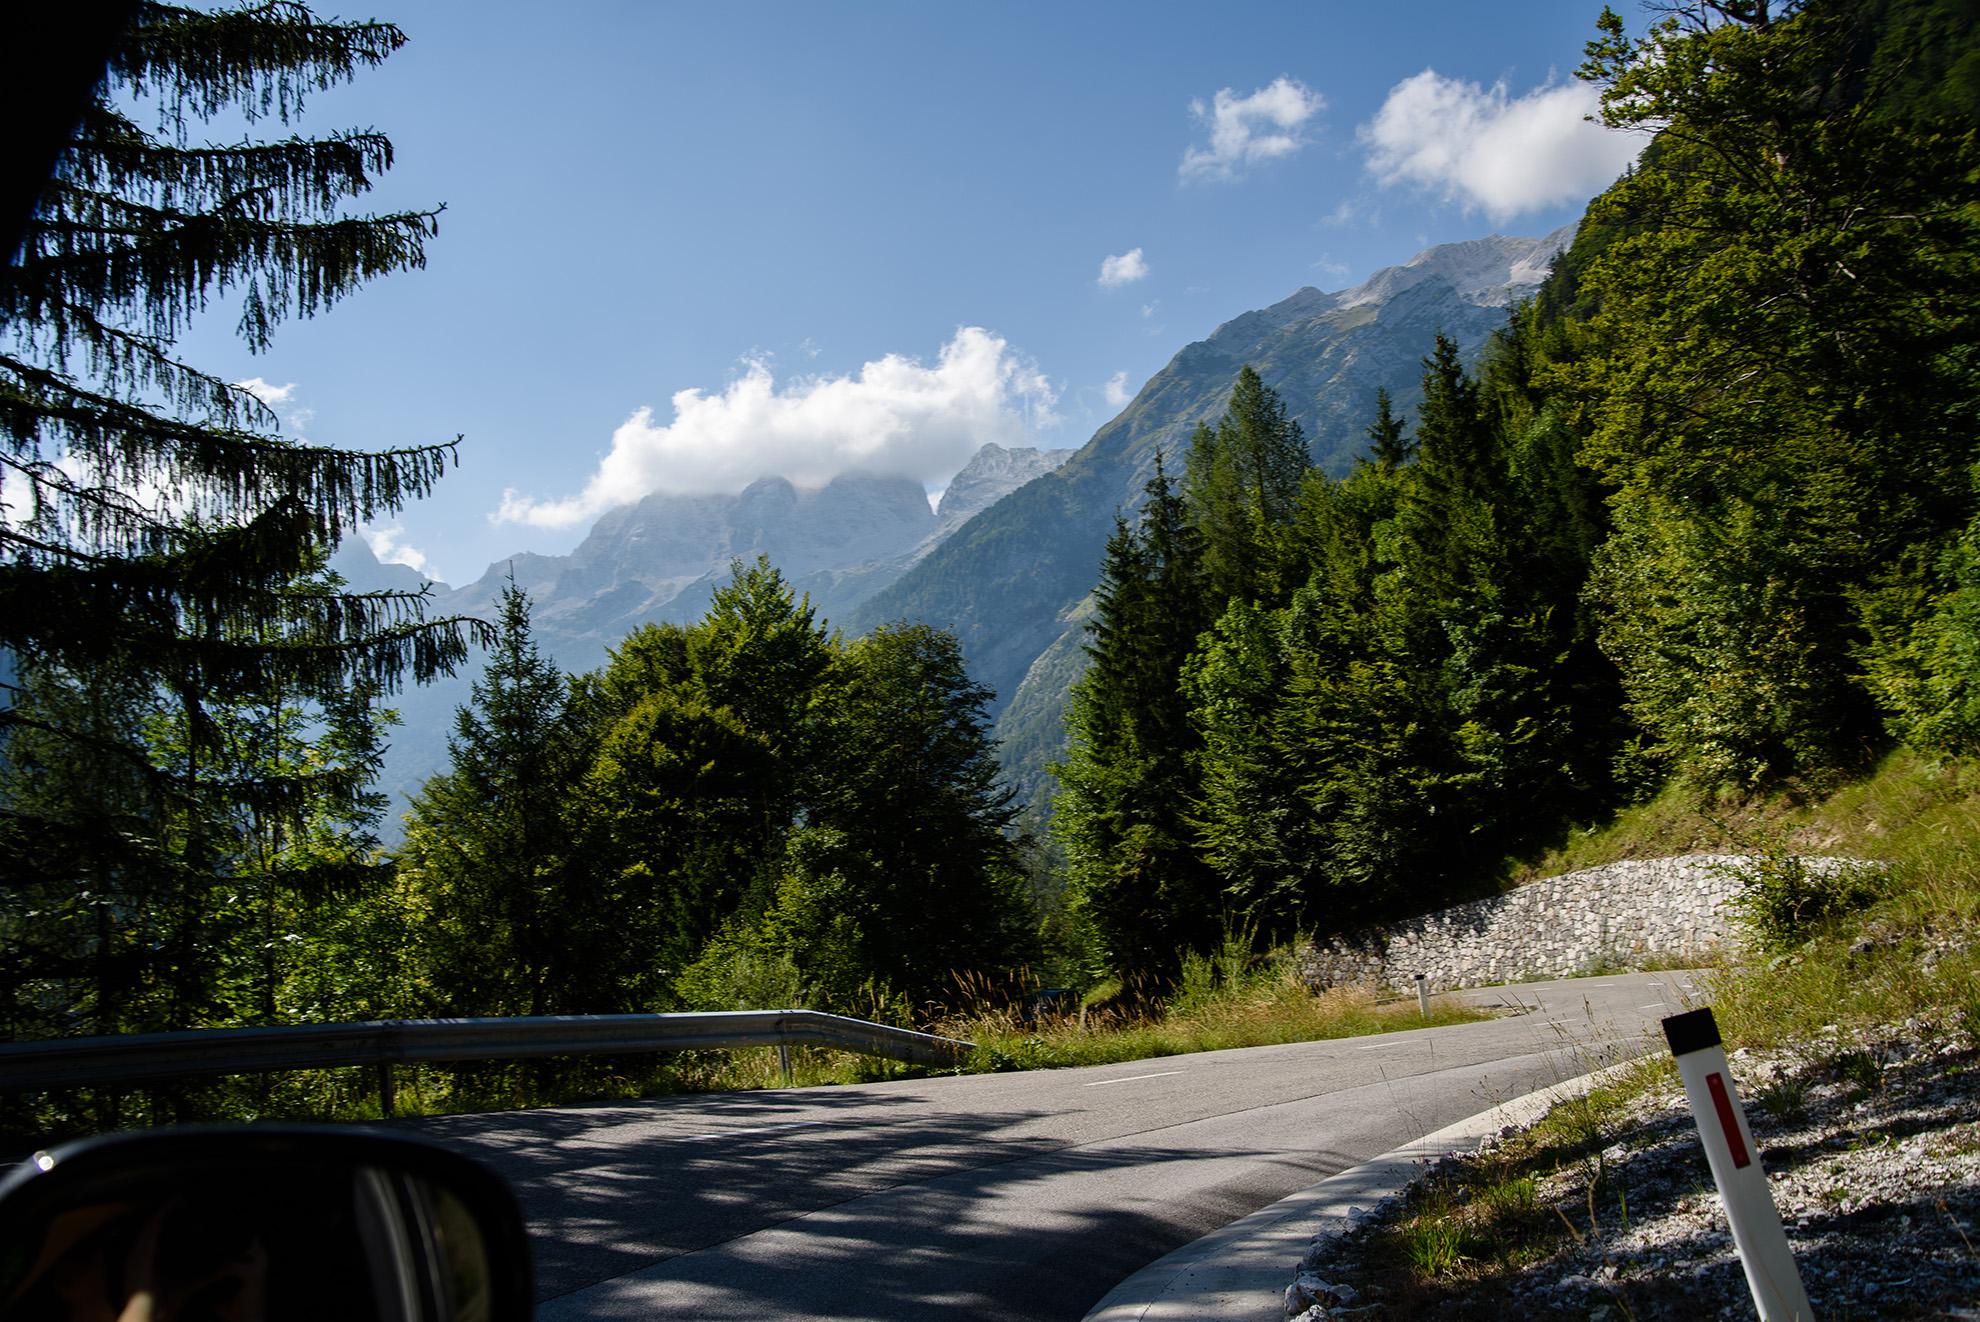 Przełęcz Vršič - zjazd w dół (jeszcze bardziej)